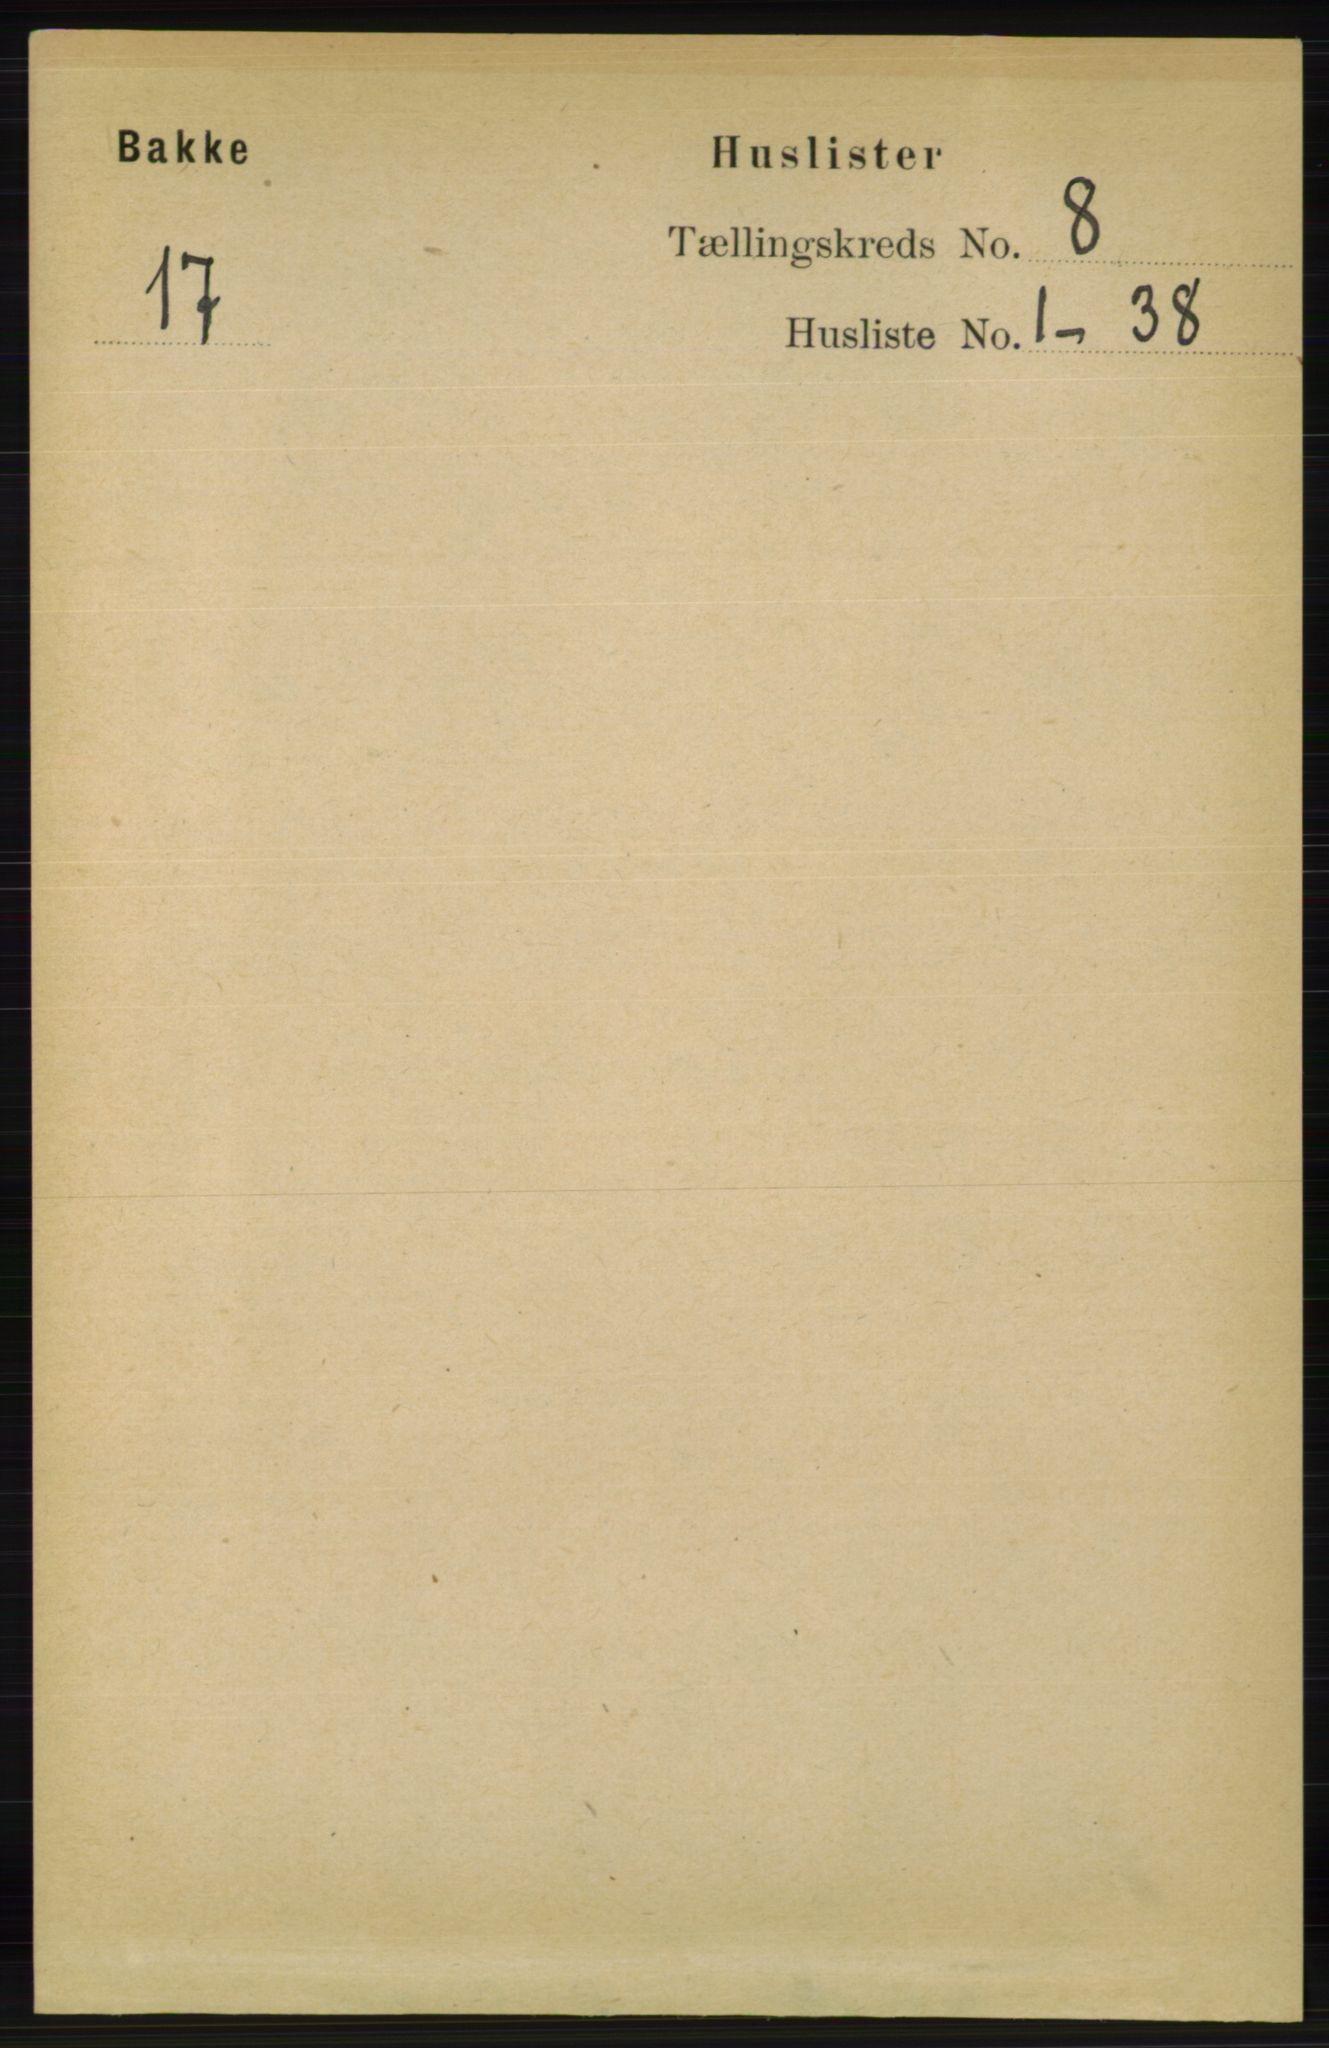 RA, Folketelling 1891 for 1045 Bakke herred, 1891, s. 1442